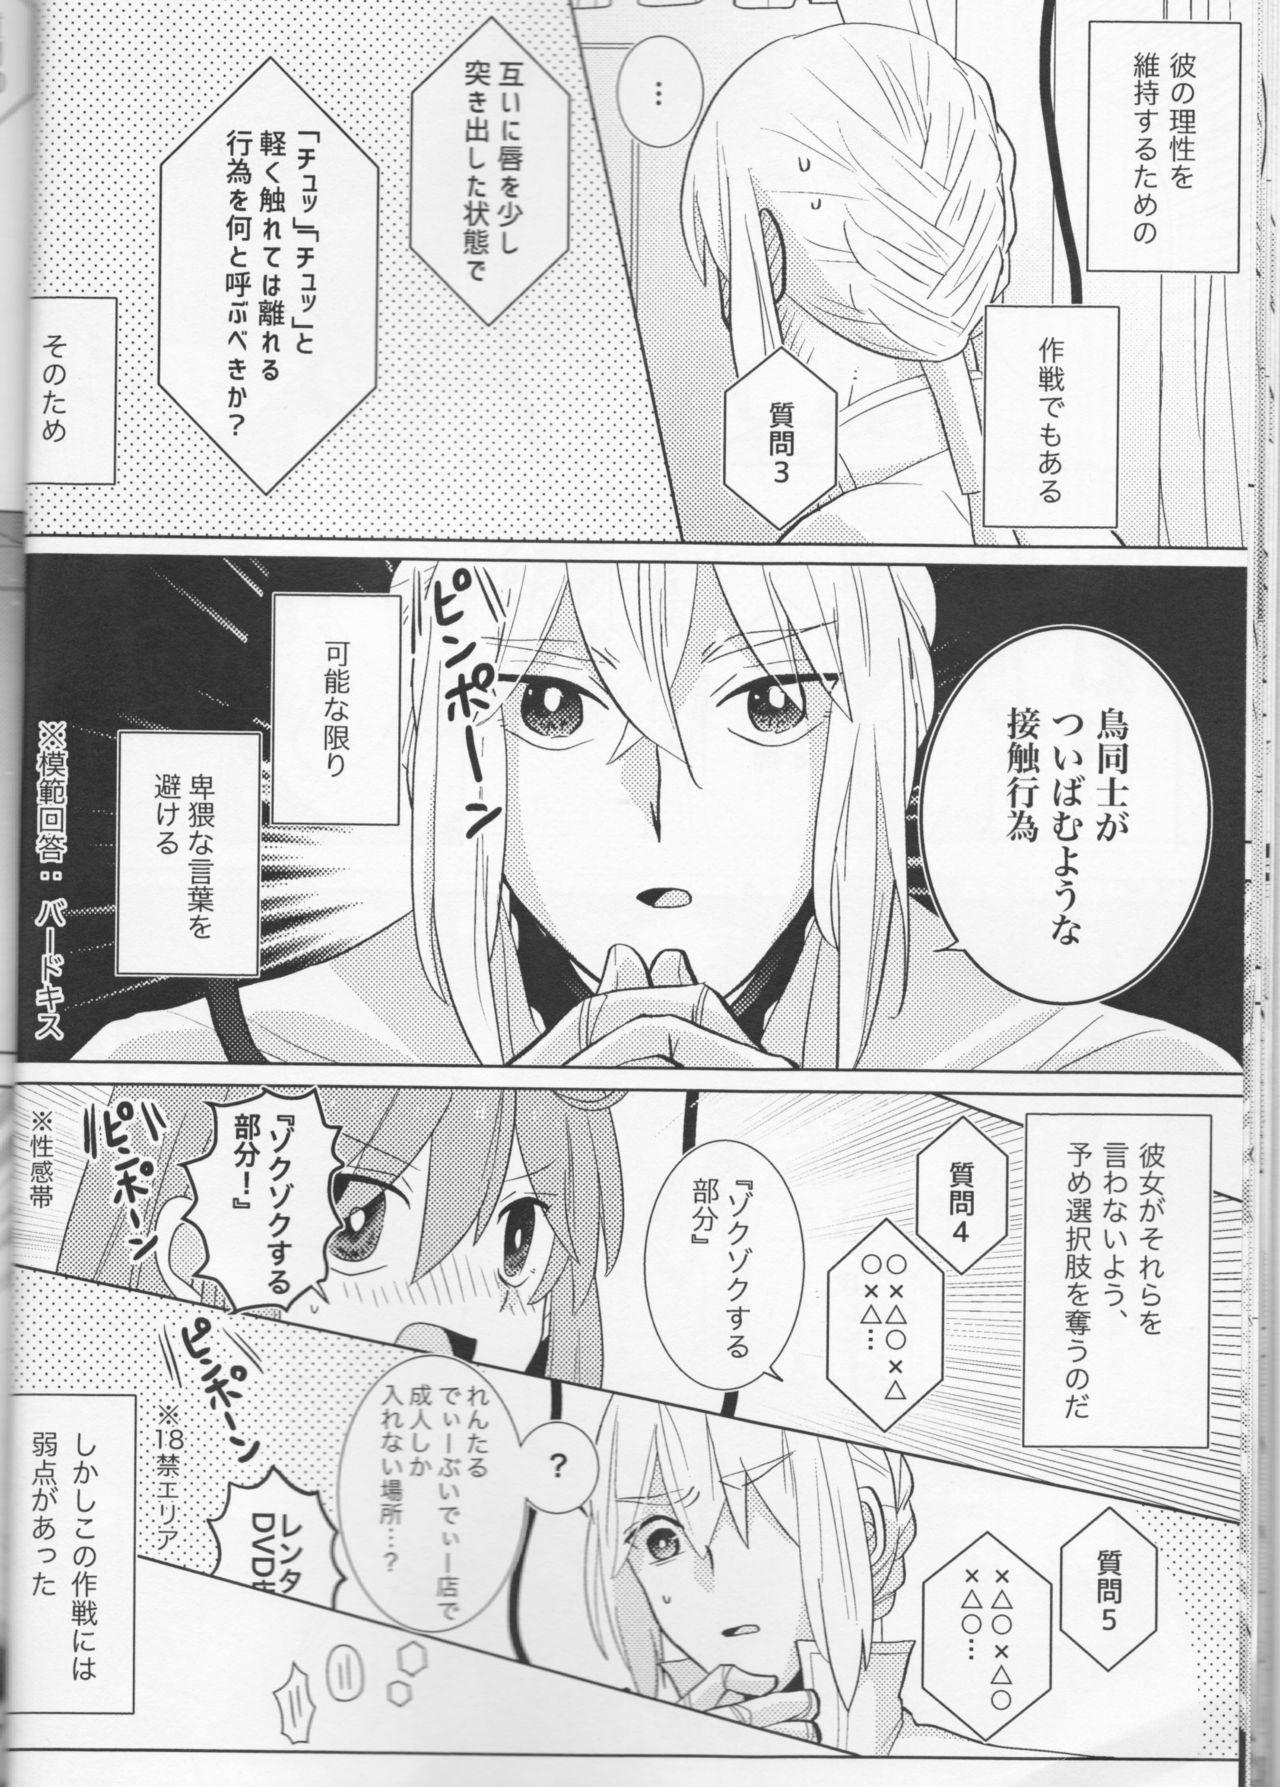 Kirakira Koboreru, Kimi to no Waidan 15